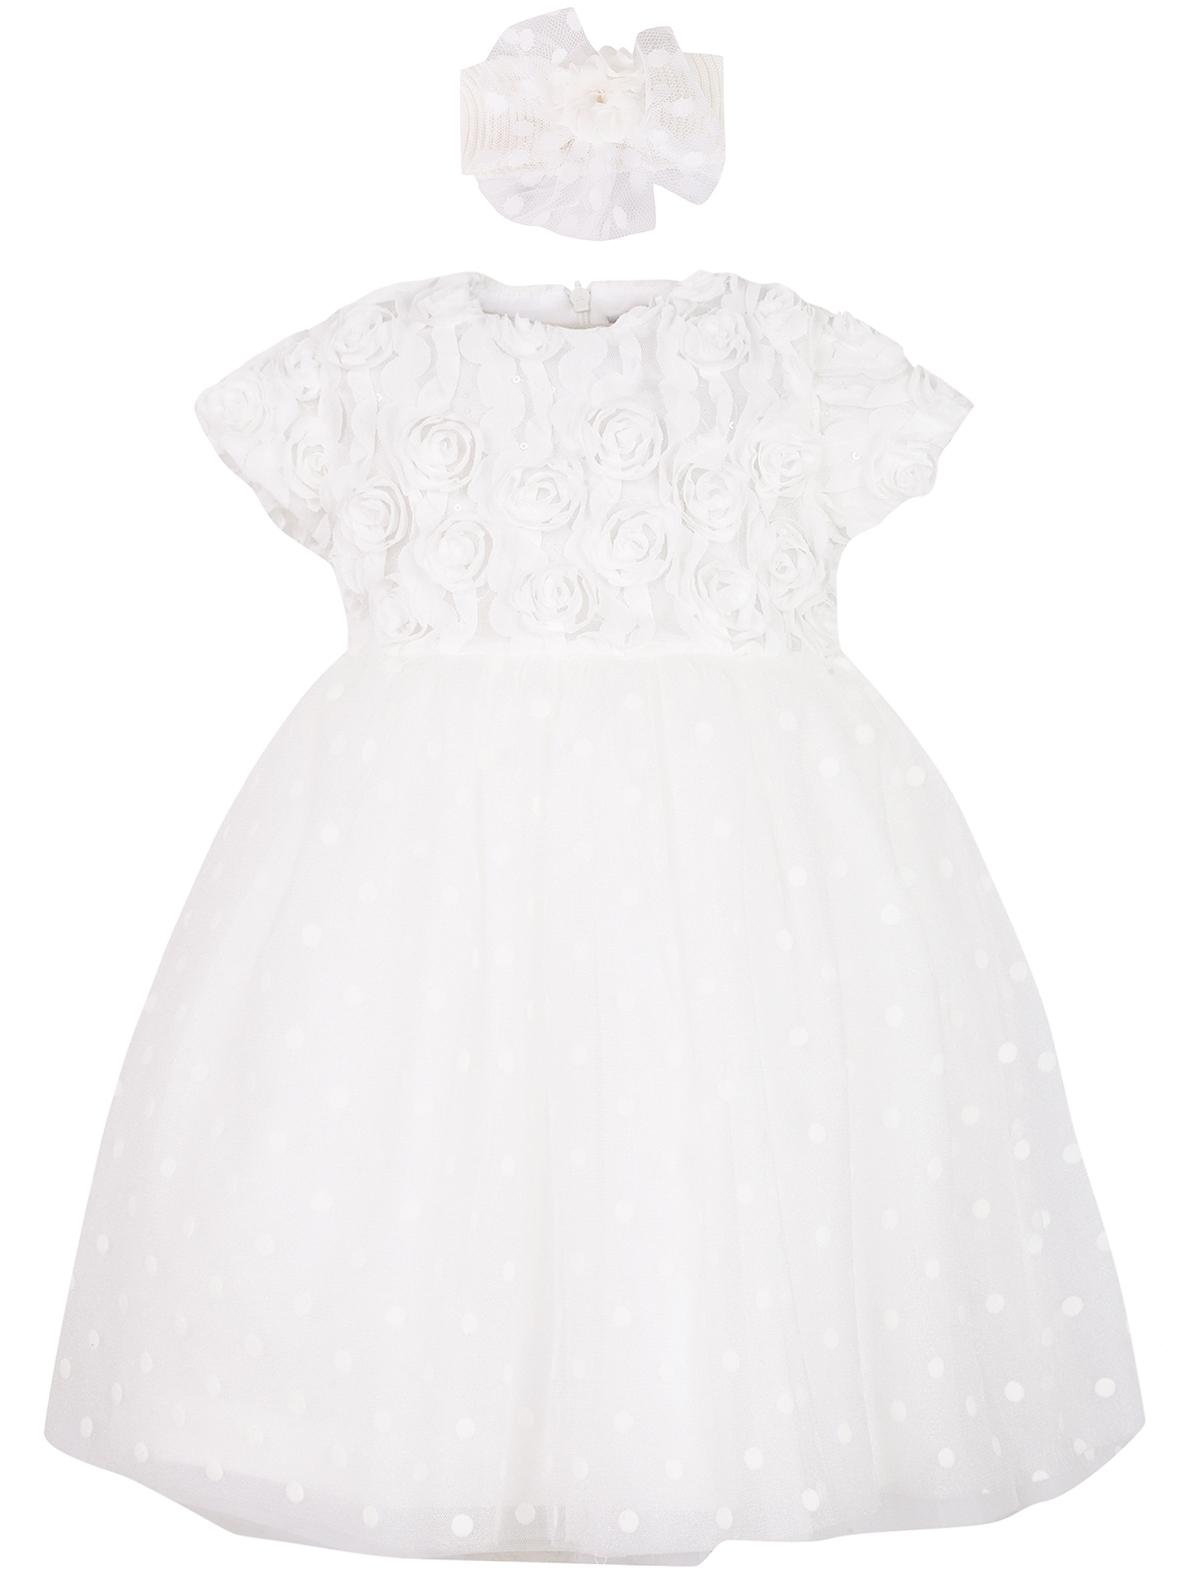 Купить 1956658, Комплект из 2 шт. Marlu, белый, Женский, 3021209970328